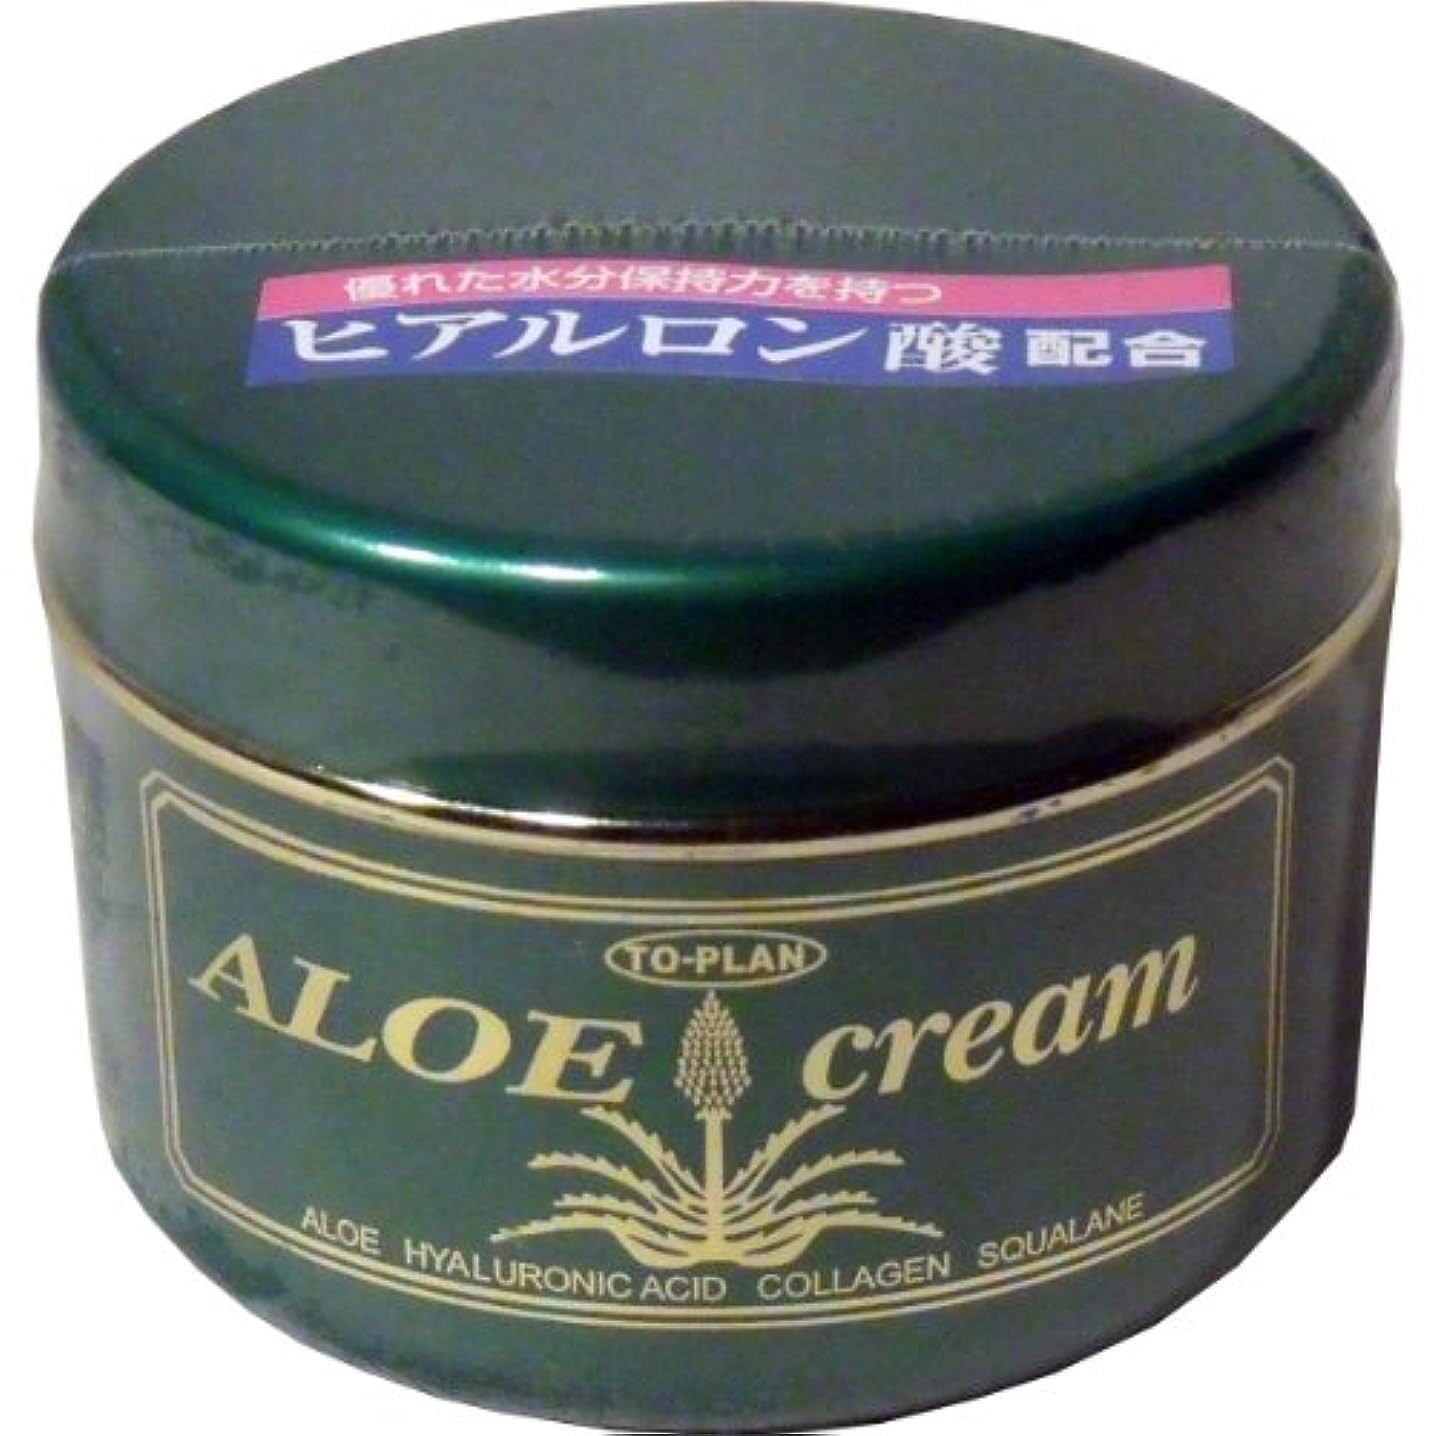 孤児あらゆる種類のカプラートプラン ハーブフレッシュクリーム(アロエクリーム) ヒアルロン酸 170g ×10個セット